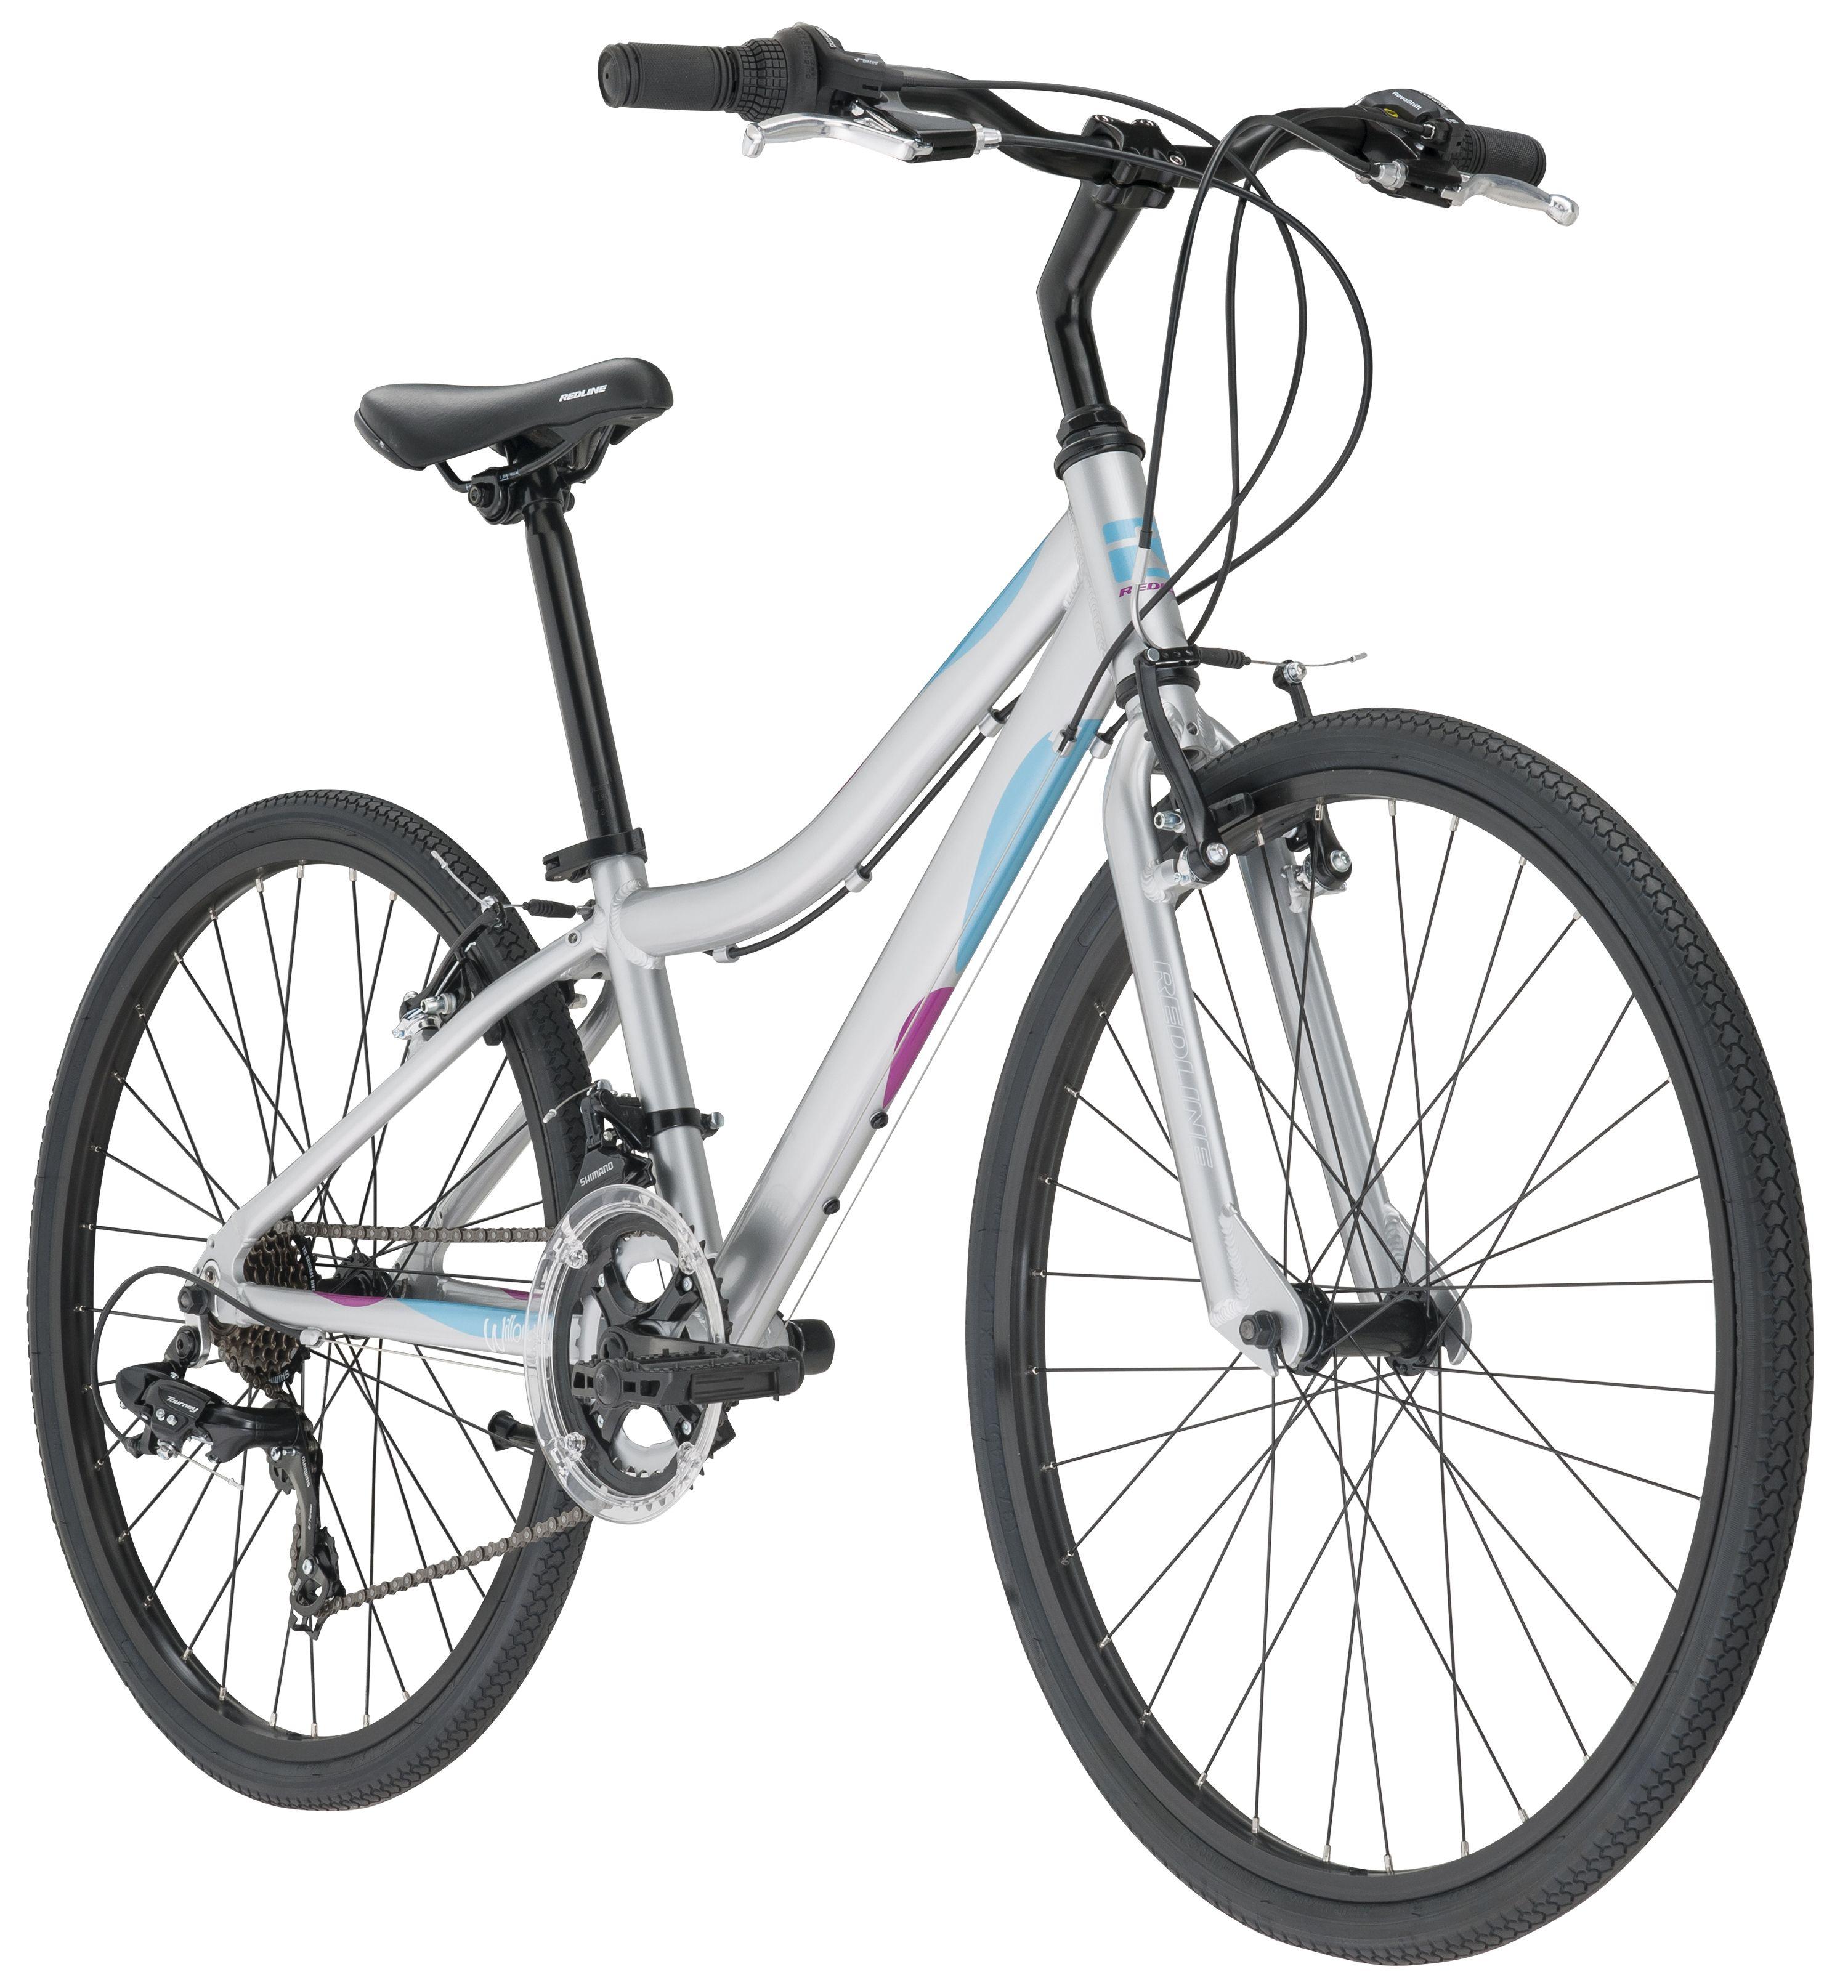 Redline Bikes Willow 24 Girl's Hybrid Bike 139.95